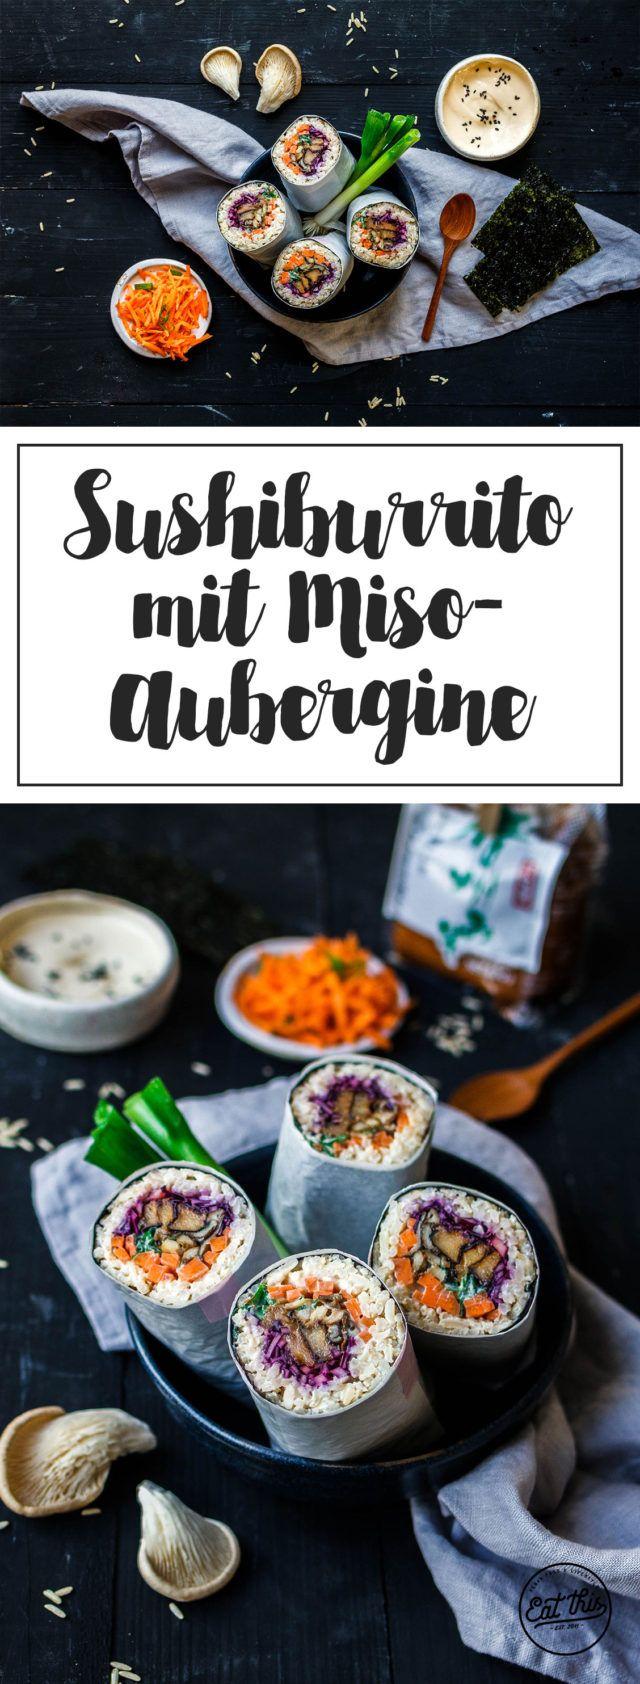 Sushi Burrito mit Vollkornreis, Misoaubergine und Austernpilzen